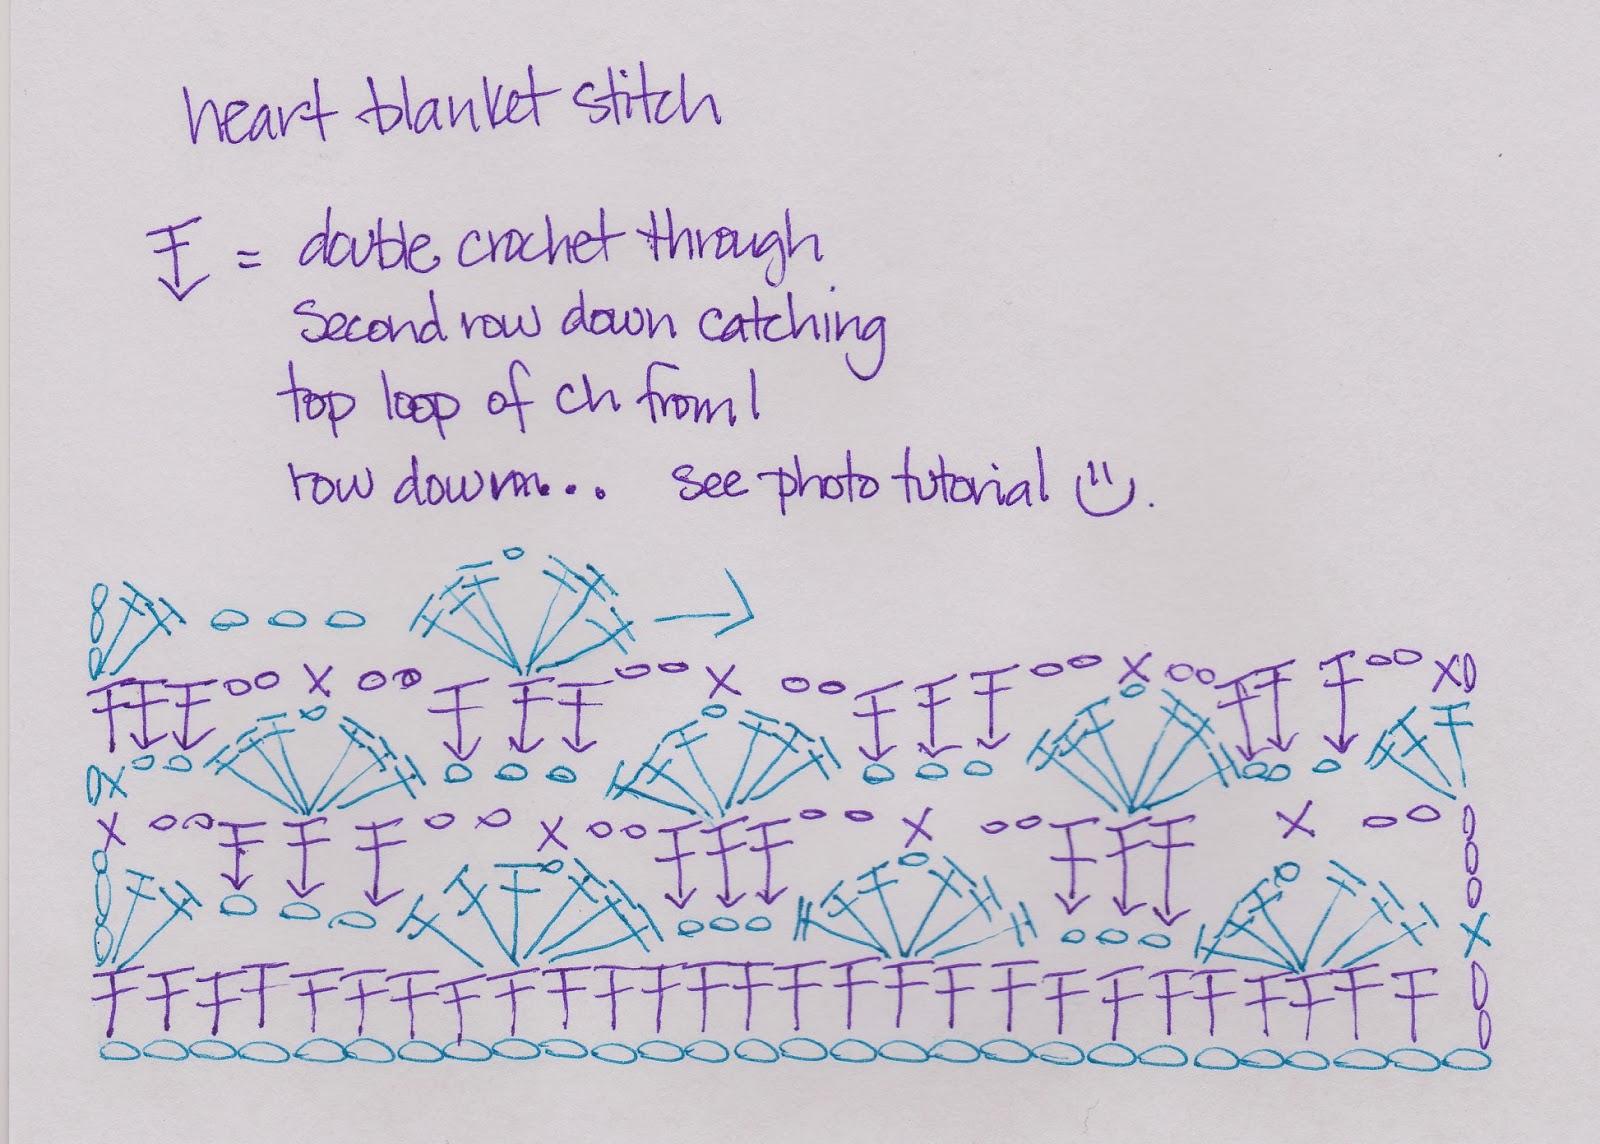 Crochet Ripple Schematic Wire Data Schema Chevron Pattern Diagram Mantas Pinterest Laura S Frayed Knot Heart Stitch Baby Blanket Patterns